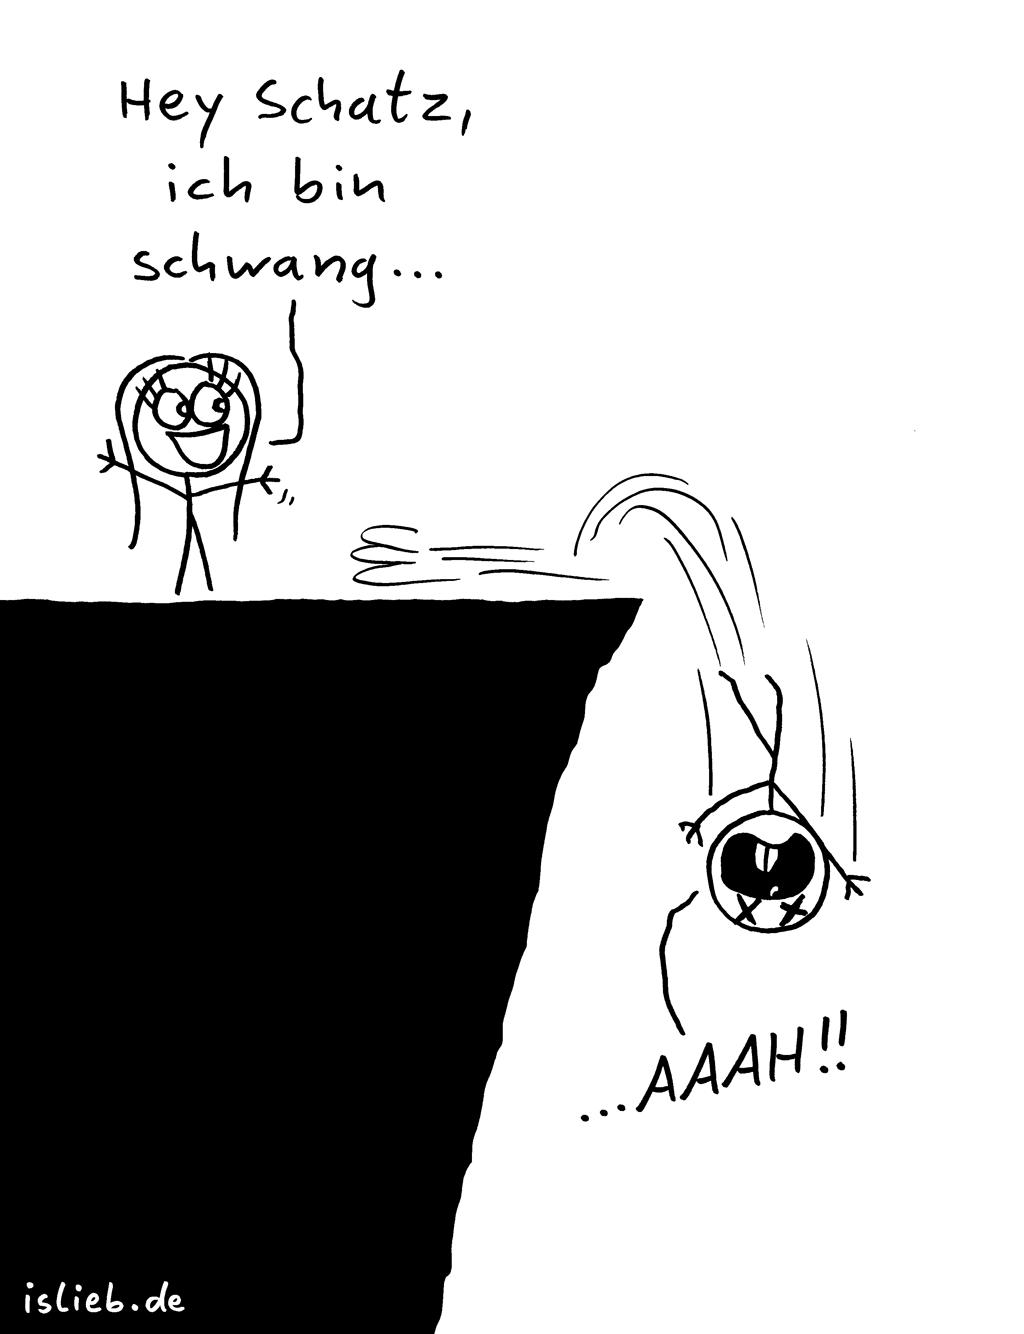 Schwanger | Harakiri-Cartoon | is lieb? | Hey Schatz, ich bin schwang... aaah! | Schwangerschaft, Verhütung